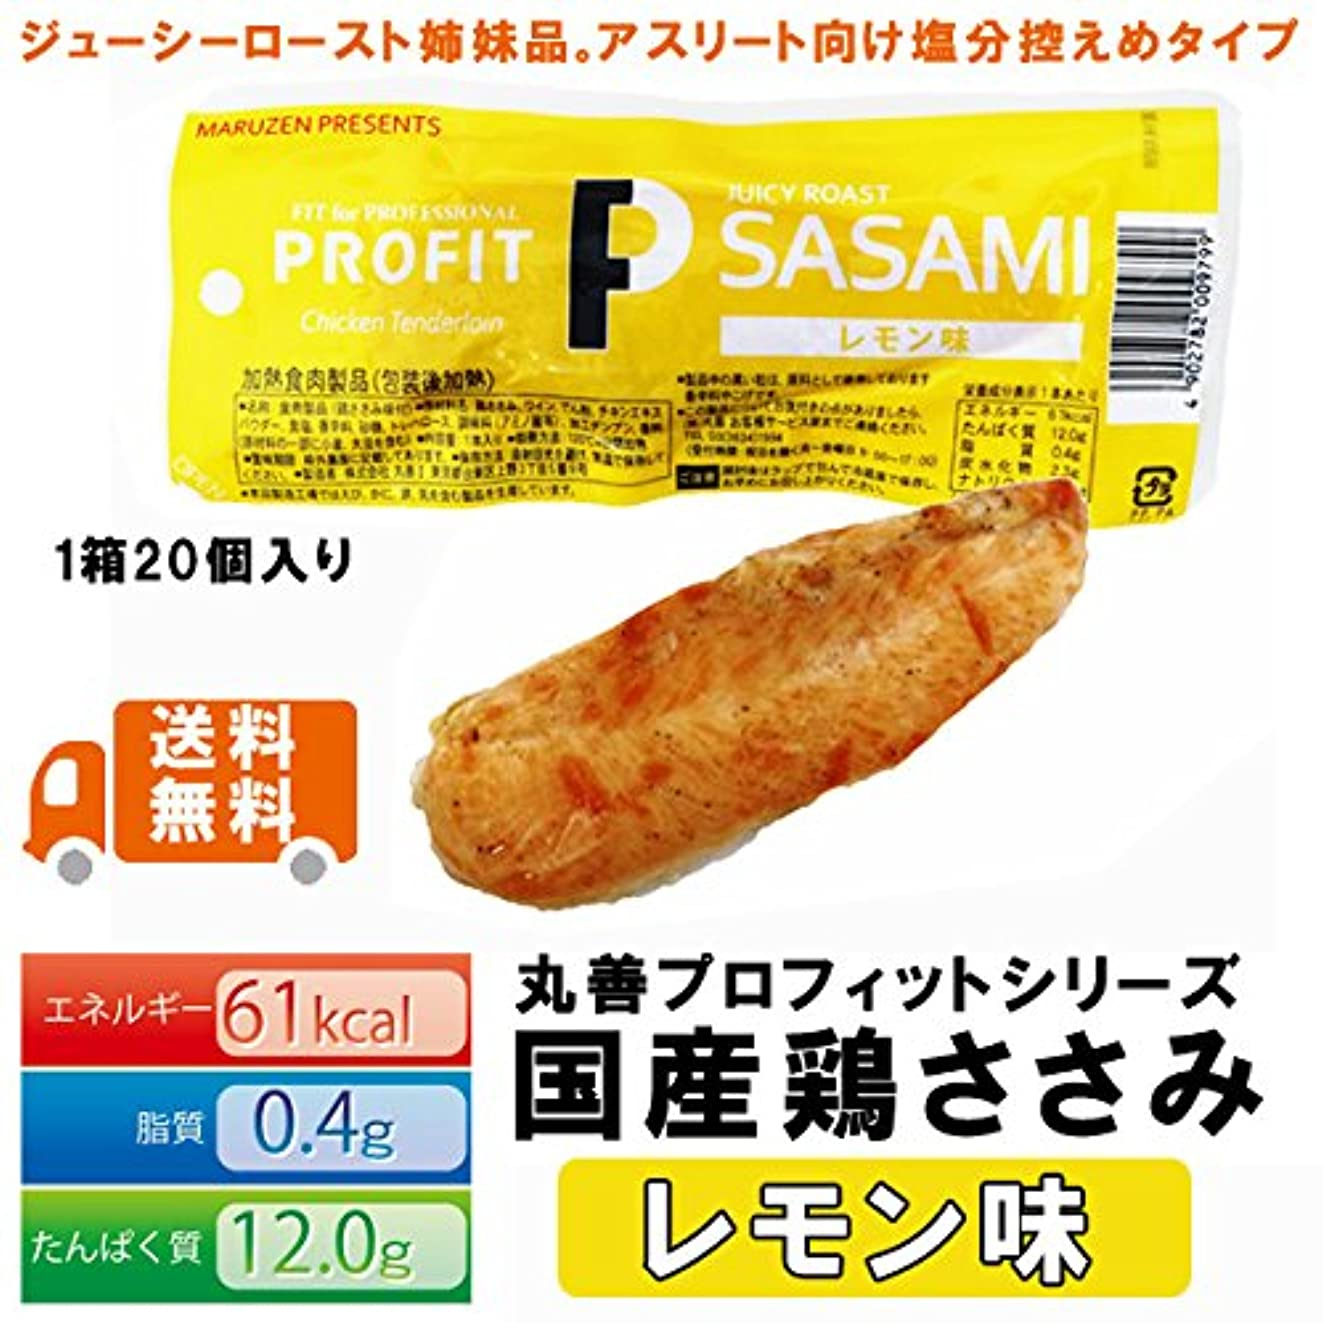 法的溶けた変形する丸善 PRO-FIT プロフィットささみ 鶏ささみ レモン味 1箱20本入り